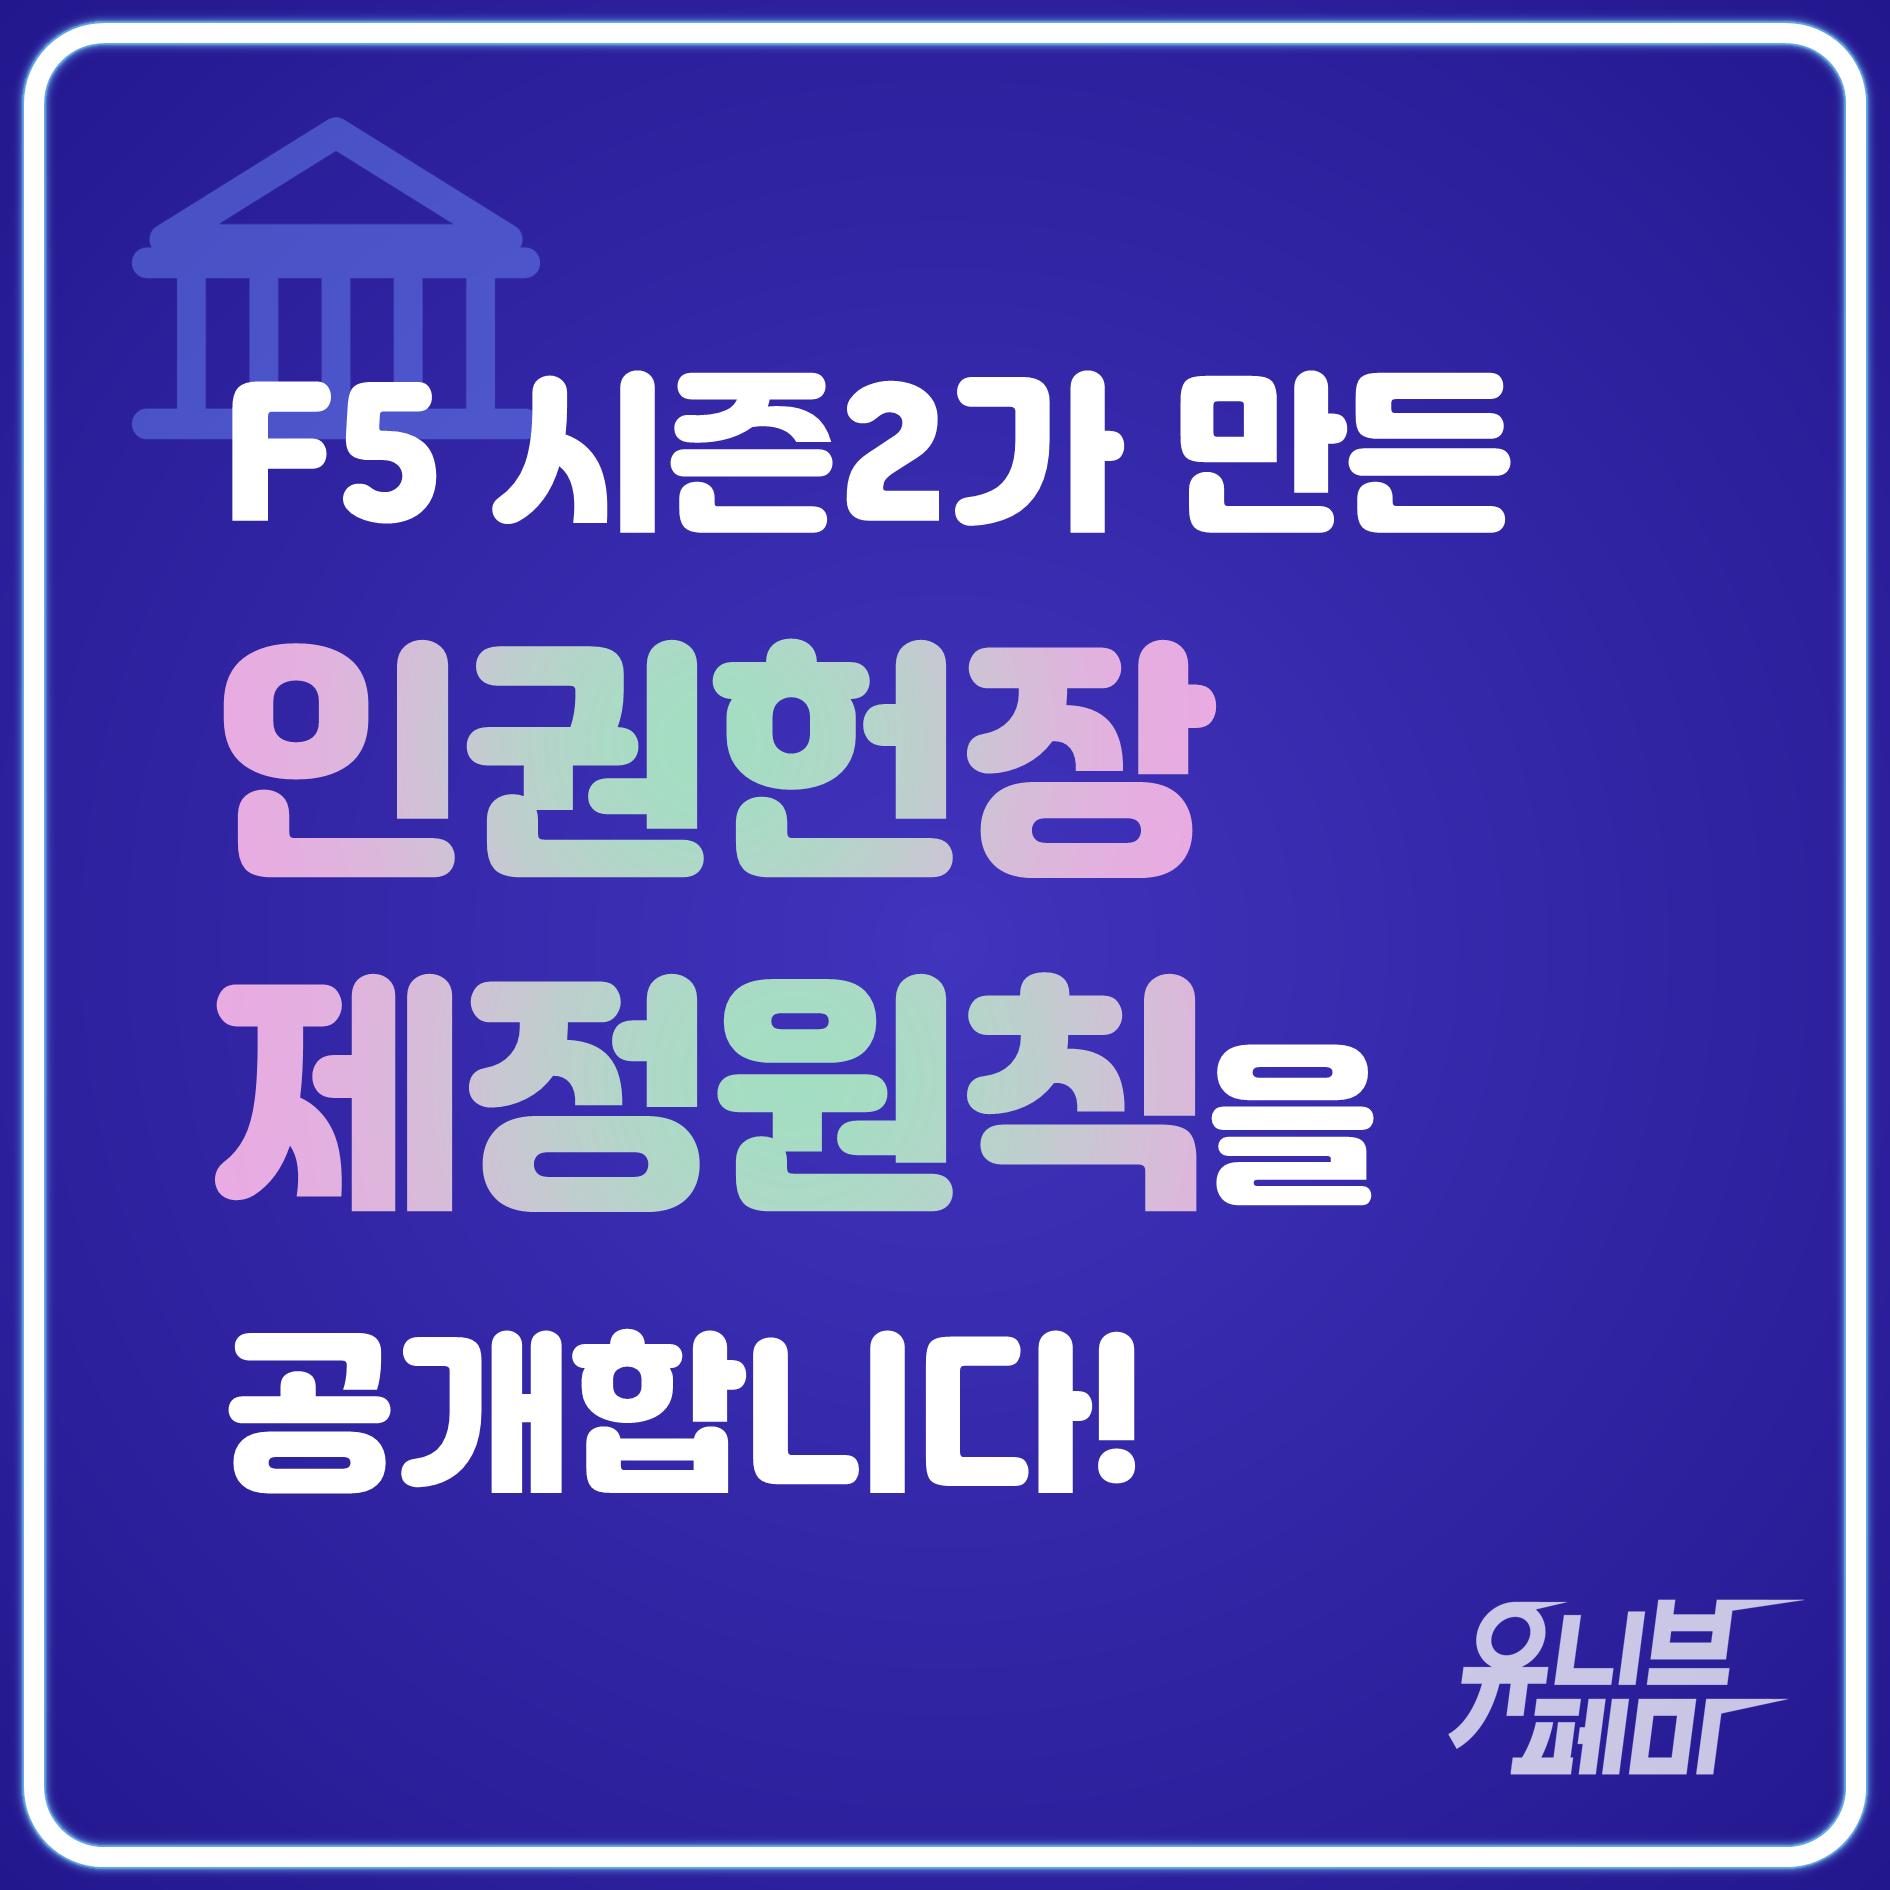 파란 배경에 두꺼운 글씨로 'F5 시즌2가 만든 인권헌장 제정원칙을 공개합니다!'라고 적혀있